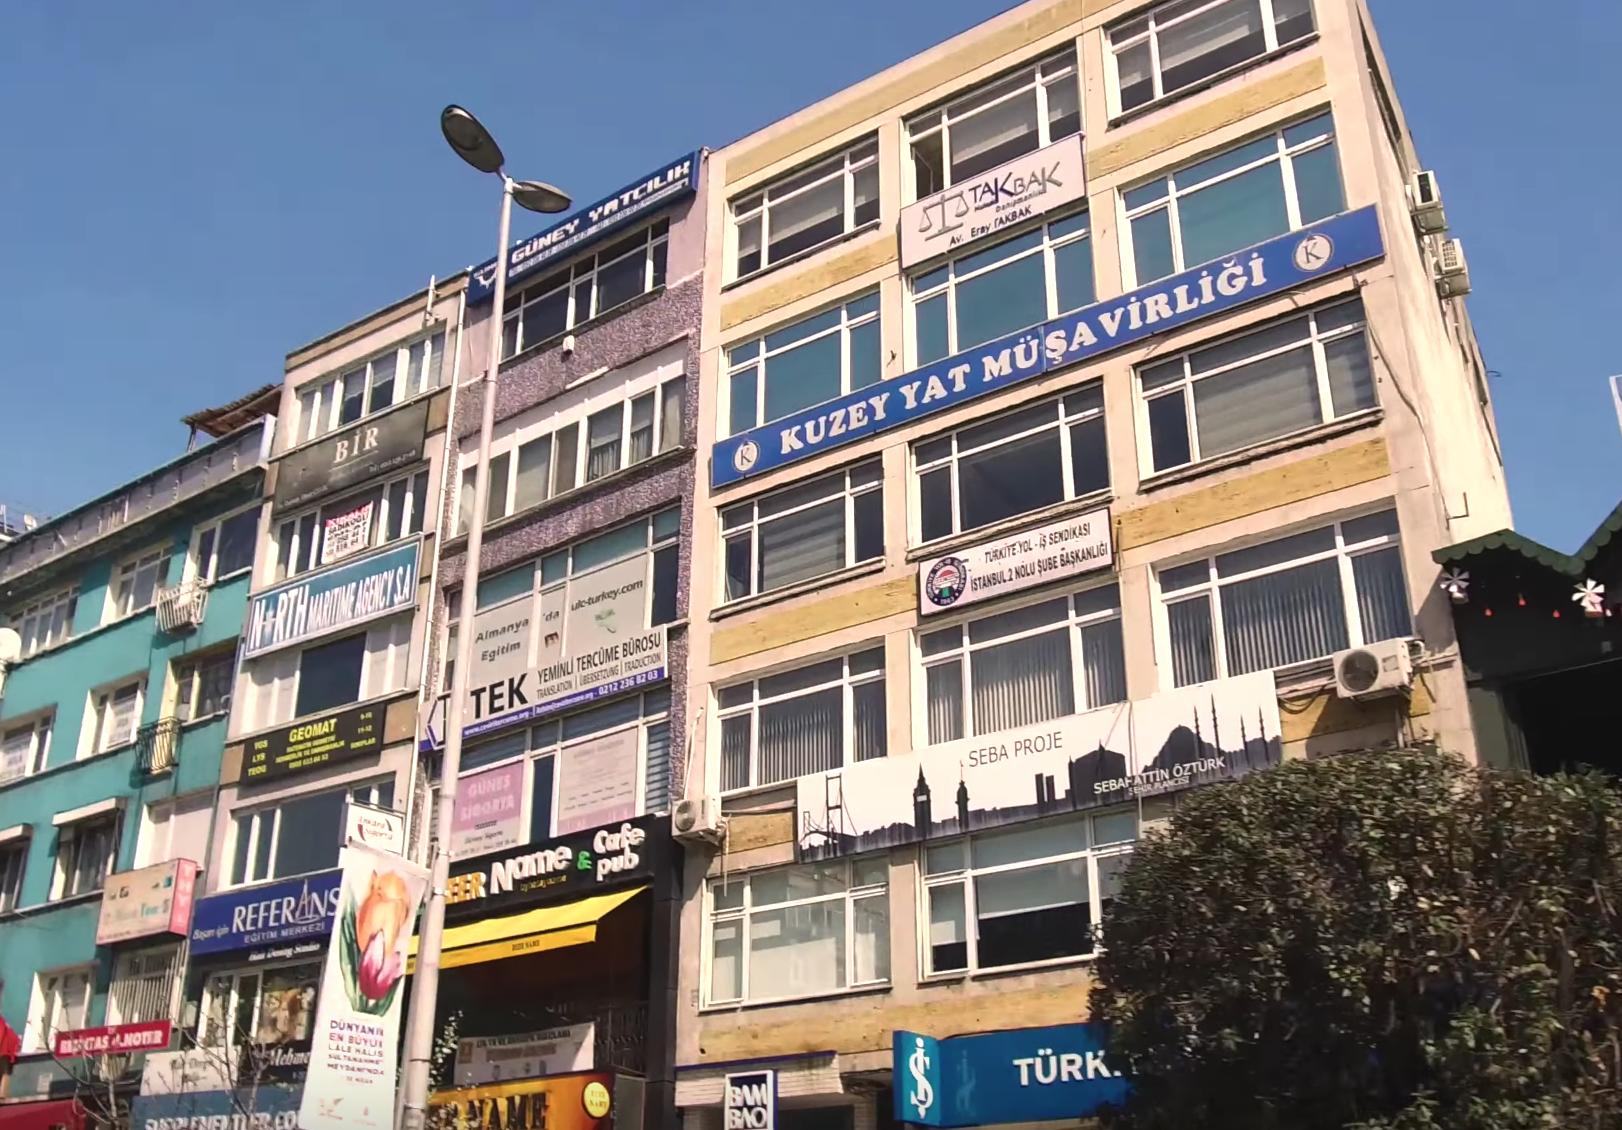 Дома и улицы Стамбула